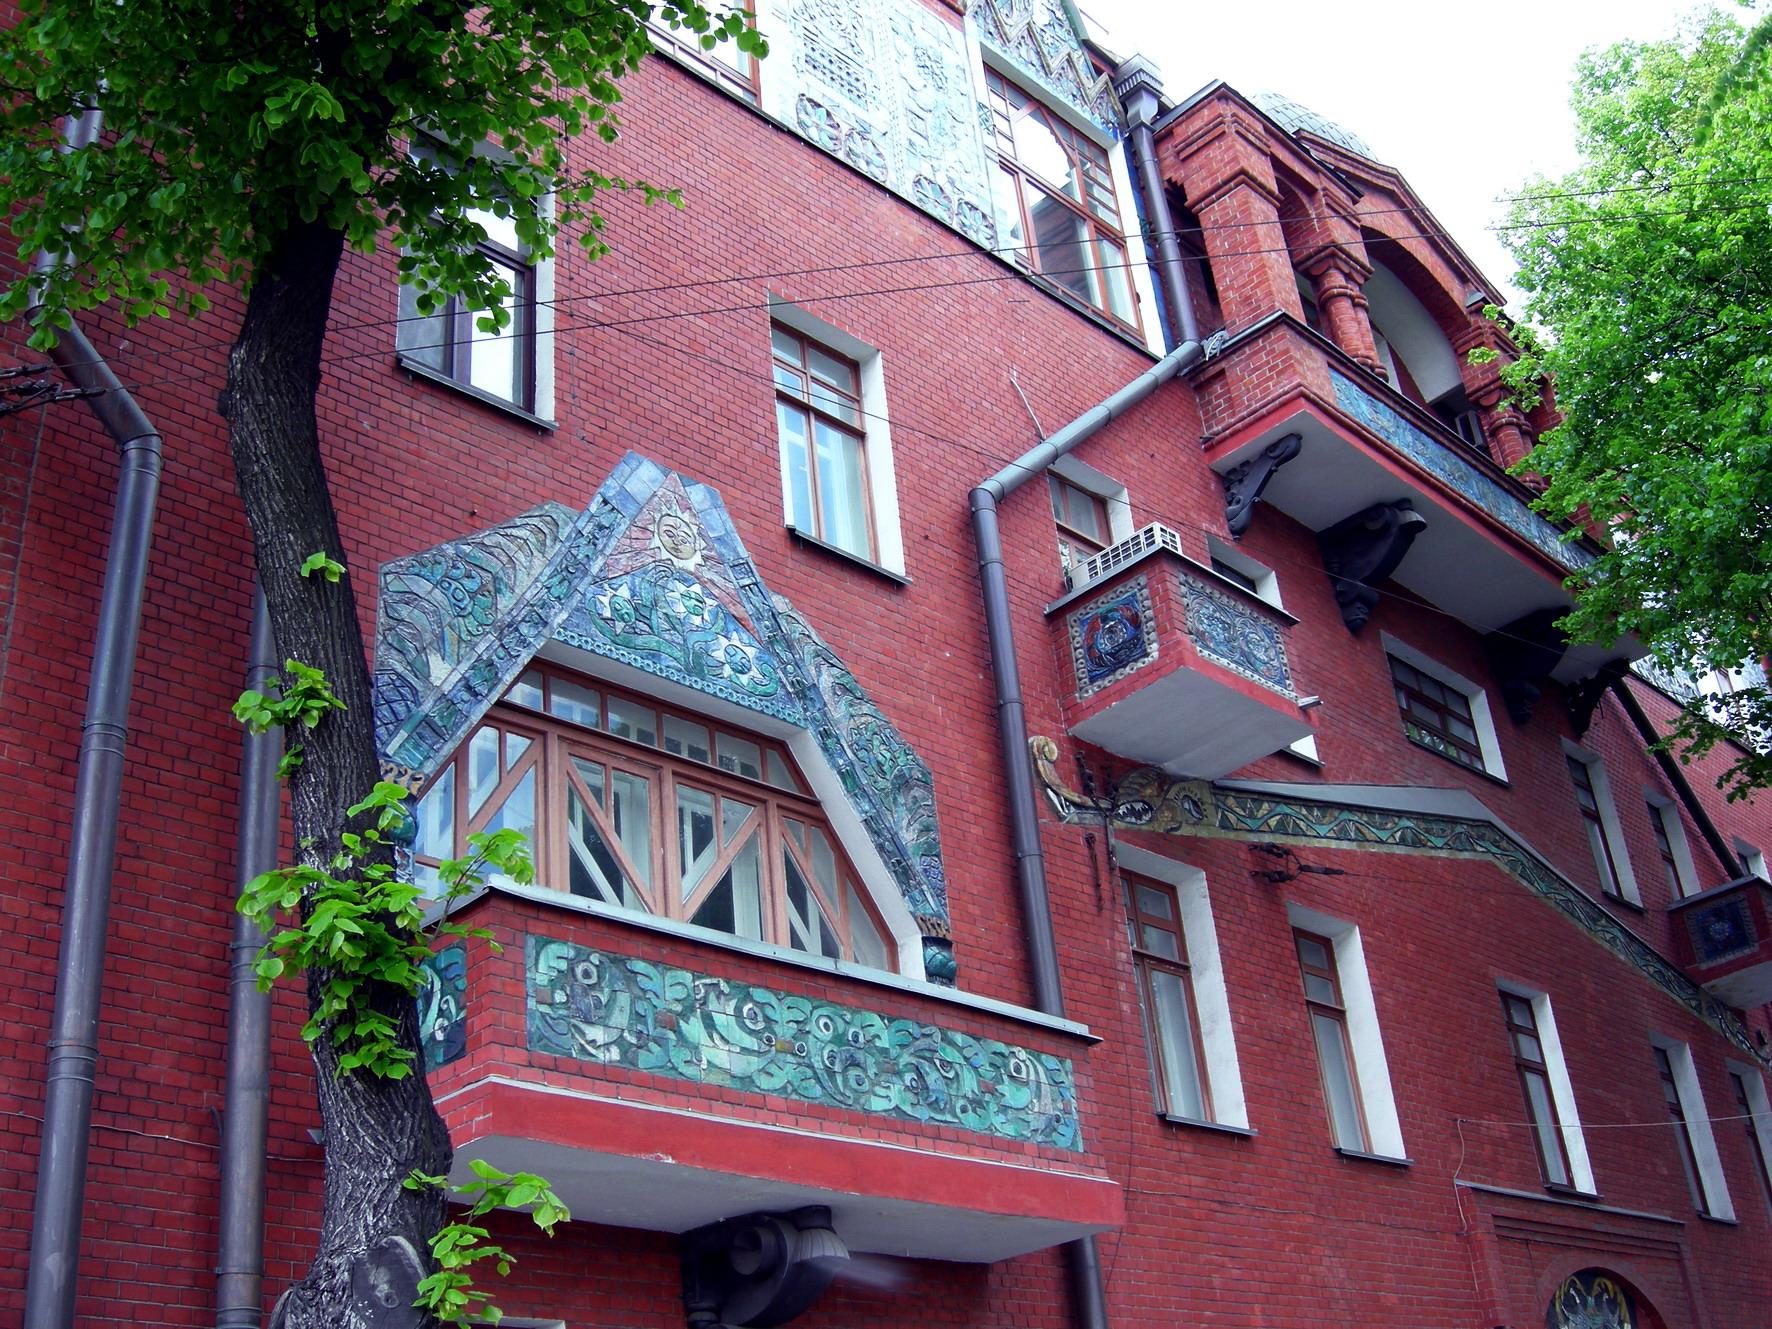 Дизайн фасада керамического дома пестрого цвета в модерна ст.